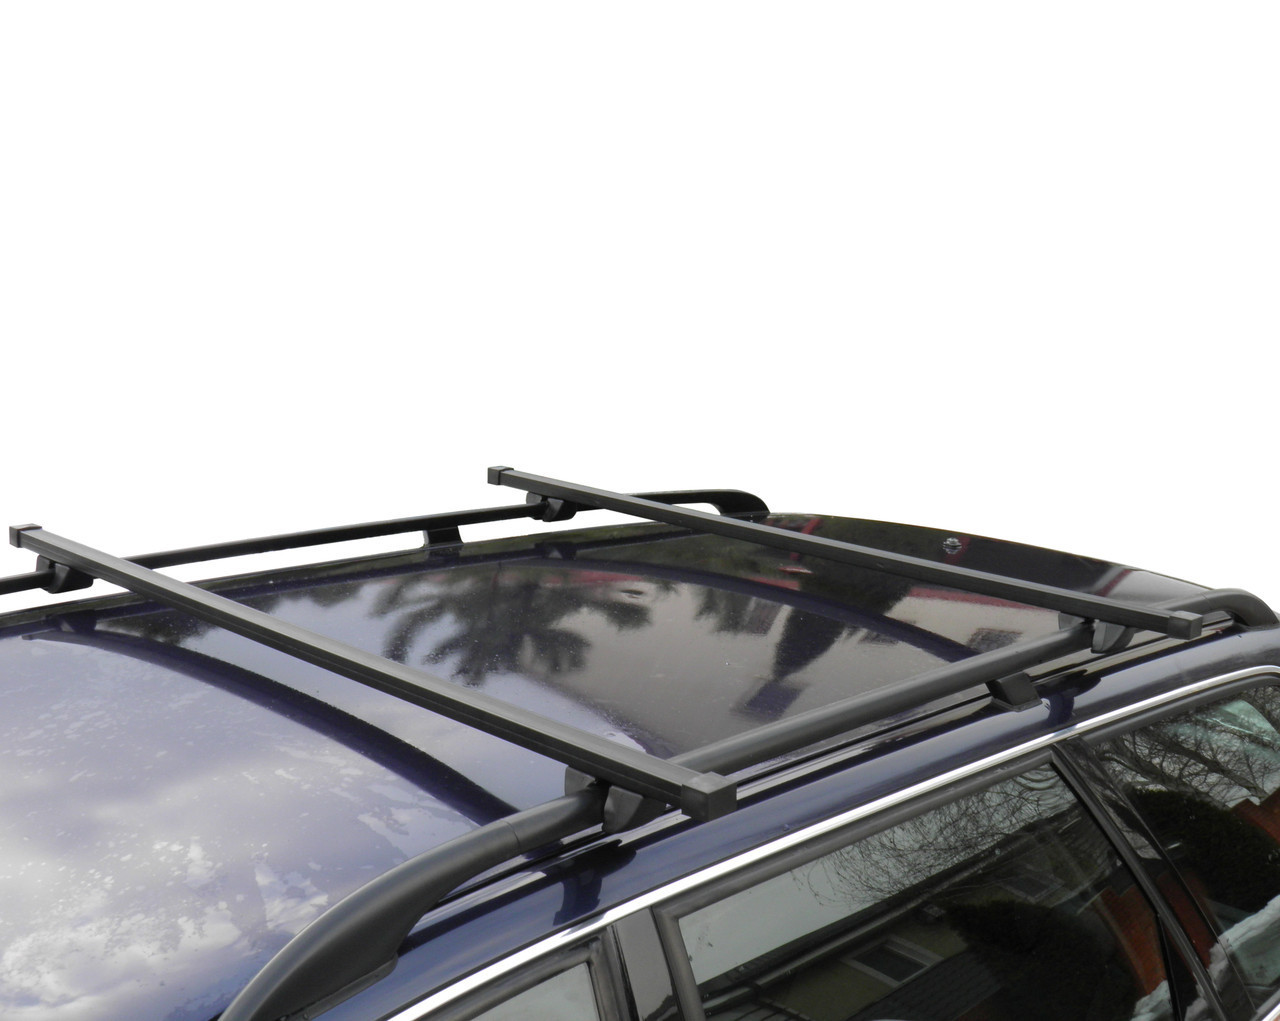 Кенгуру Рейлинг 120см - универсальный багажник на крышу авто со штатными рейлингами